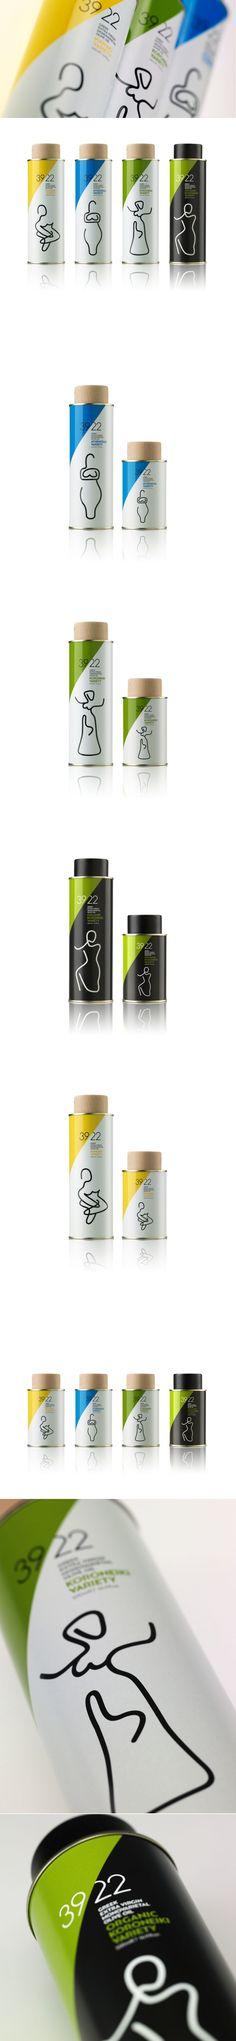 3922 Range of Extra Virgin Olive Oil — The Dieline   Packaging & Branding Design & Innovation News